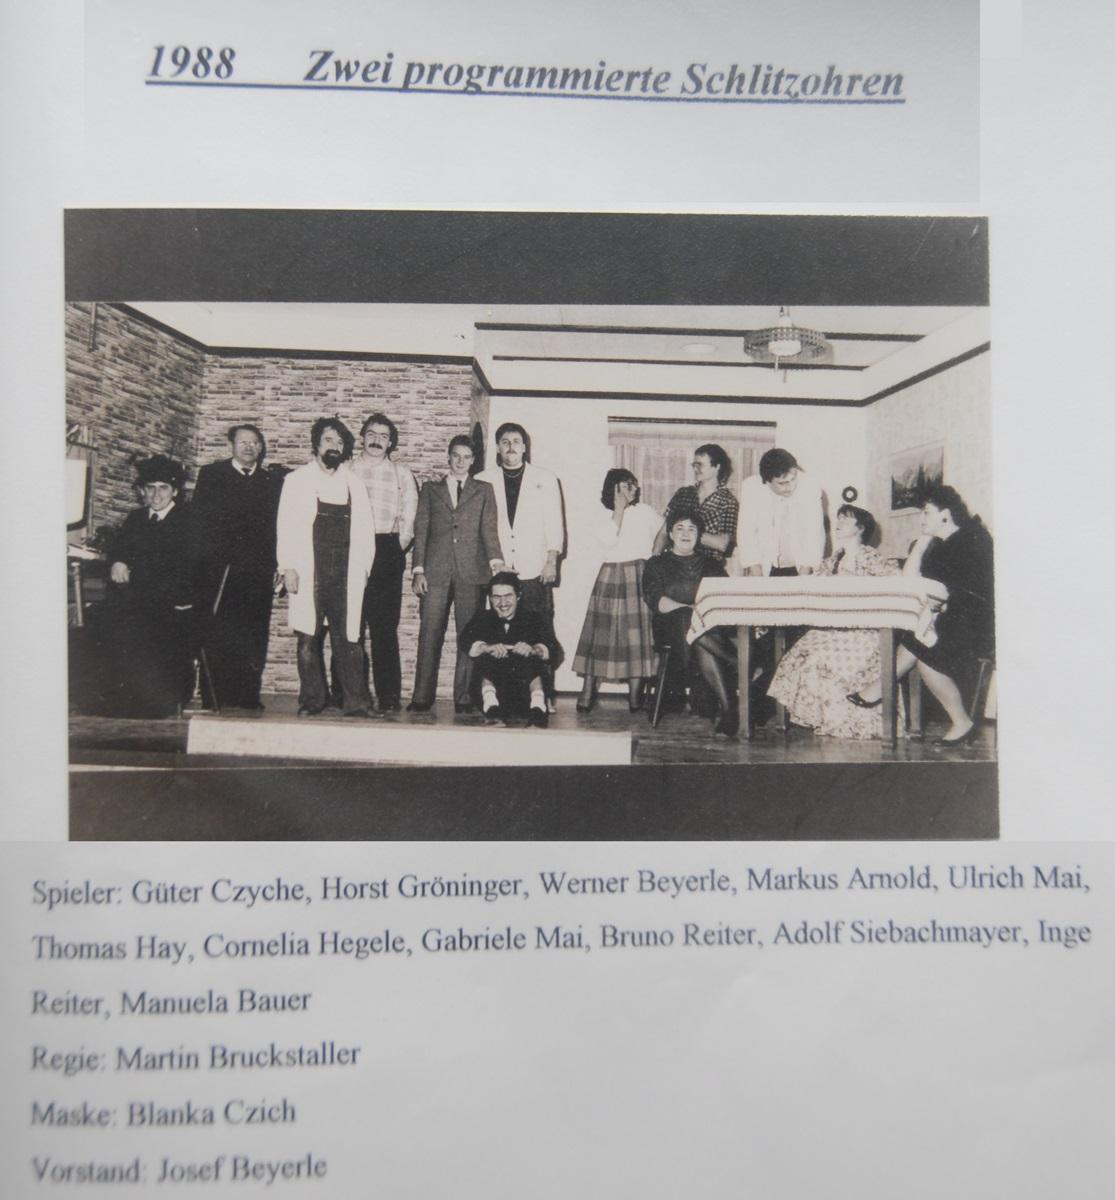 KSC-Theater-1988-Zwei-programmierte-Schlitzohren